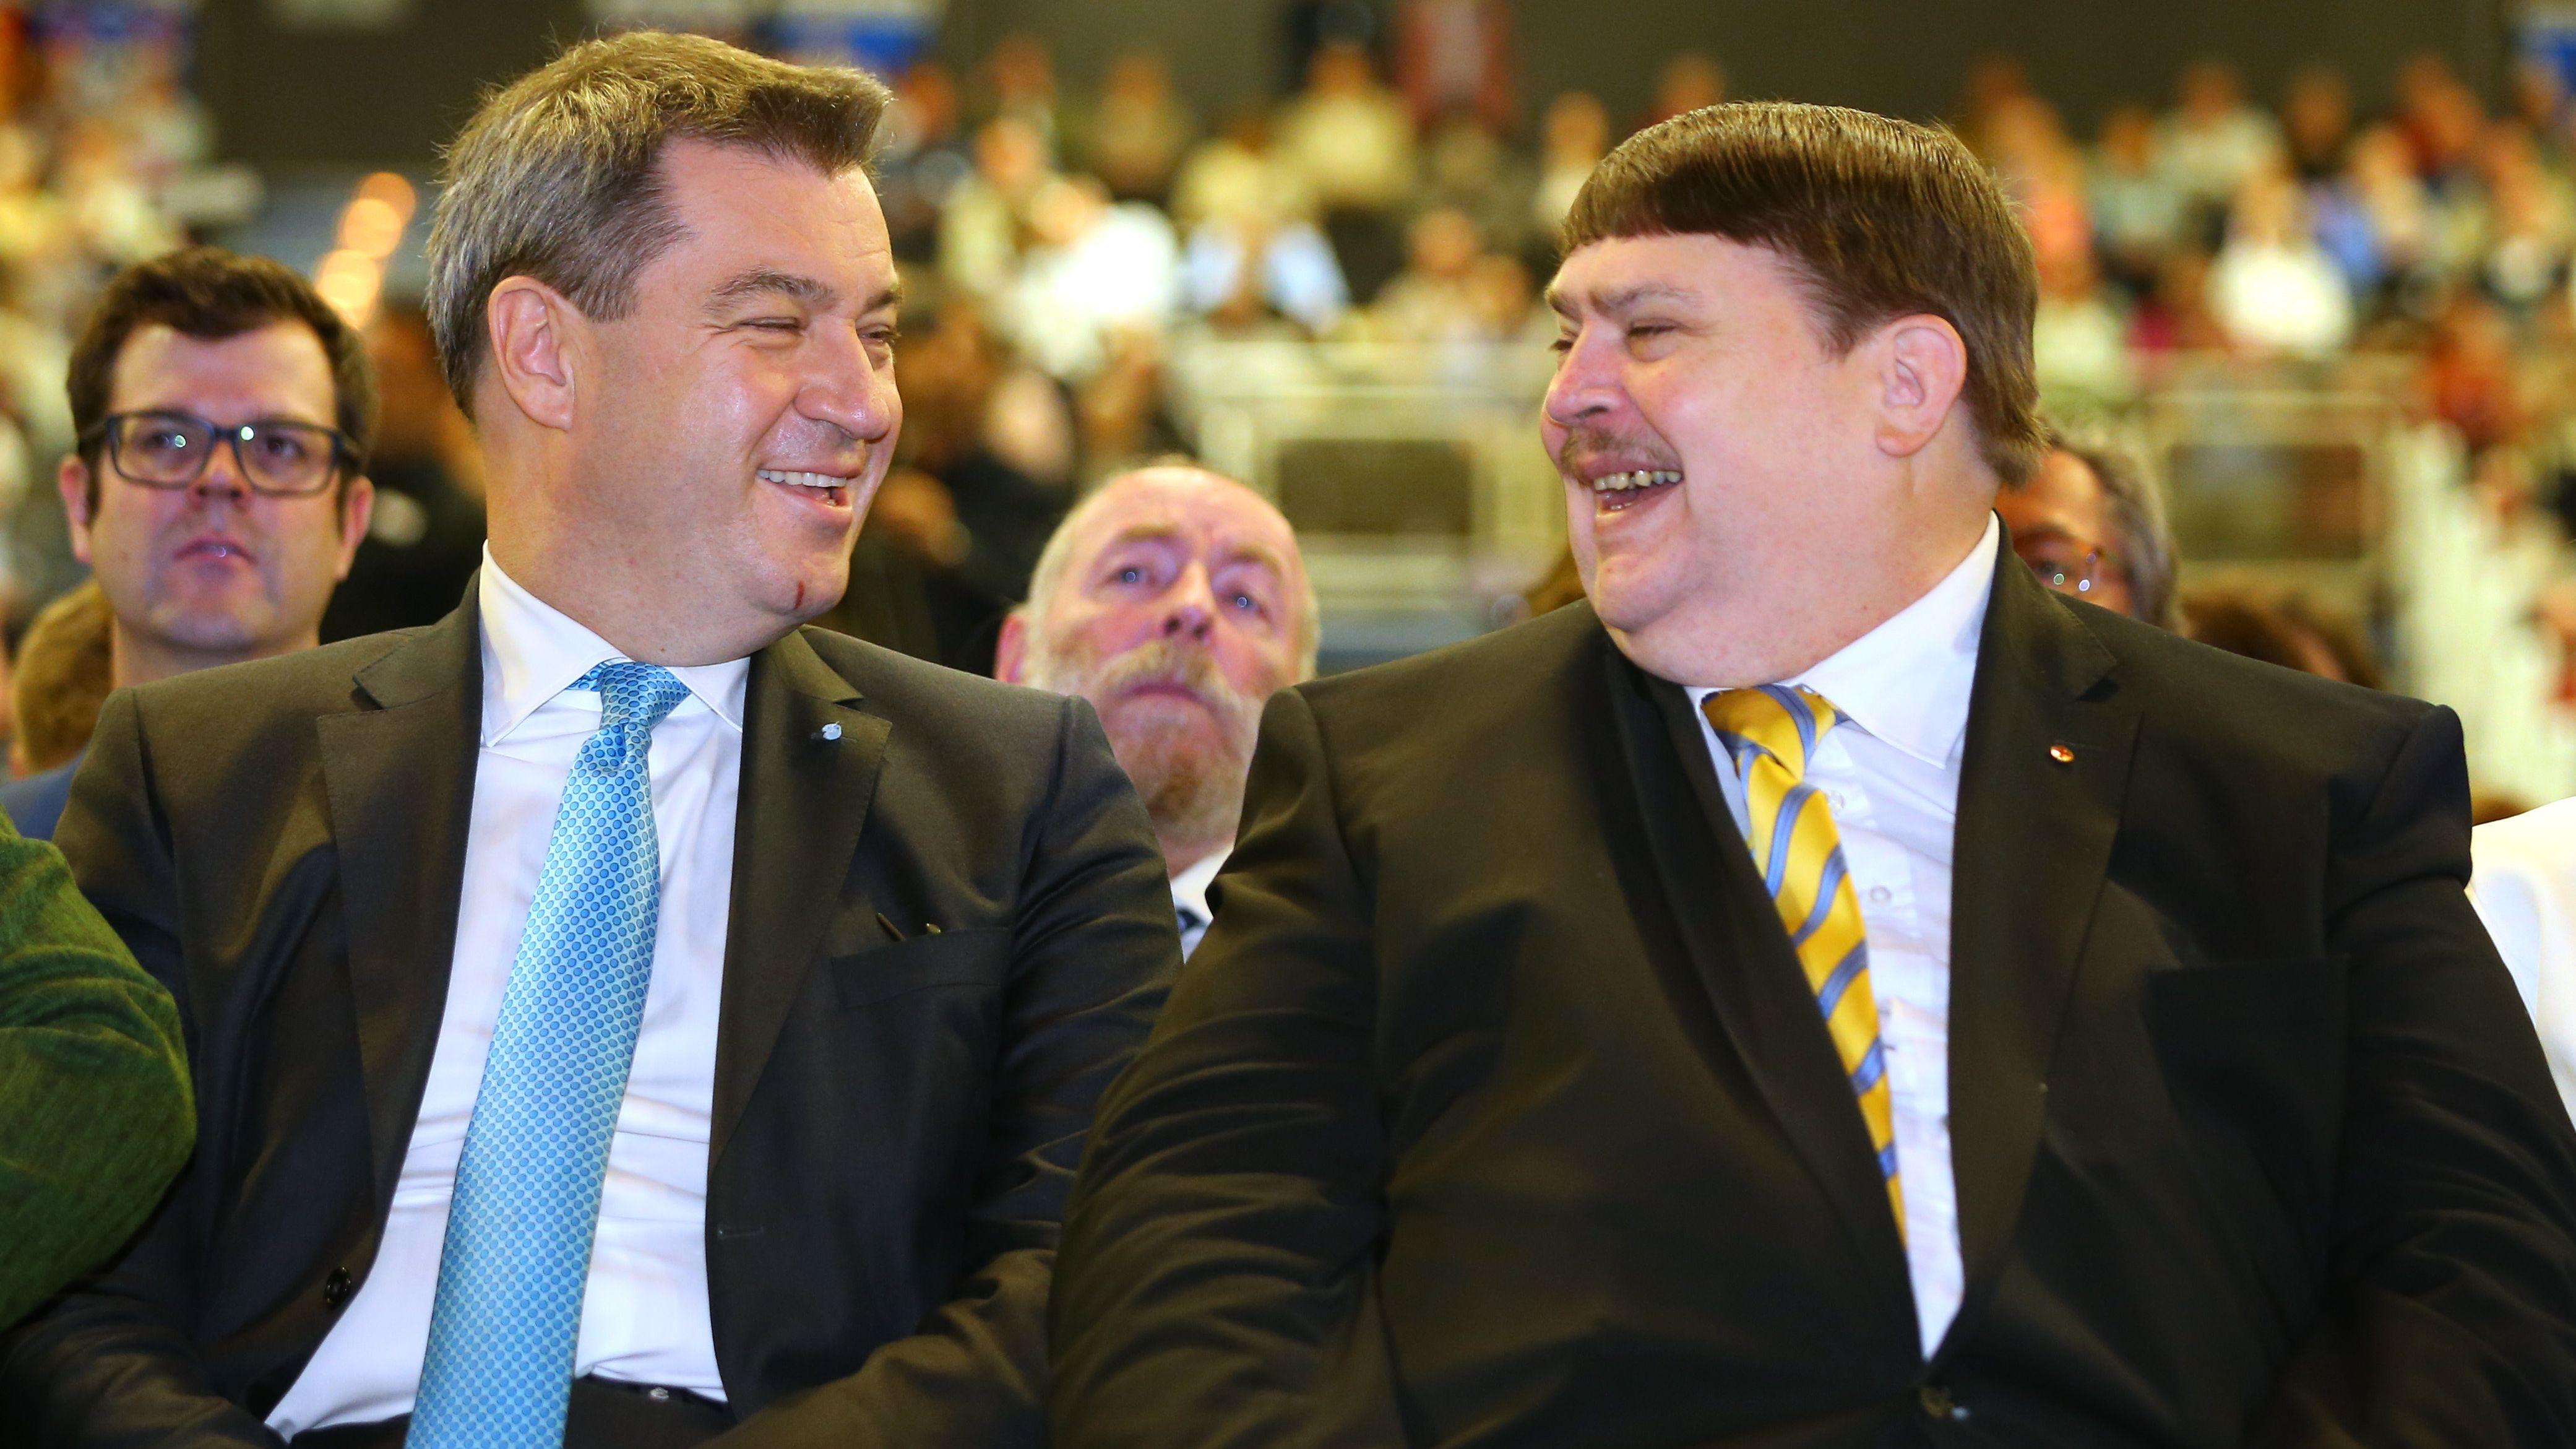 Bernd Posselt (r.), CSU-Europapolitiker und Vorsitzender der Sudetendeutschen Landsmannschaft, sitzt im Mai 2018 neben Ministerpräsident Söder.